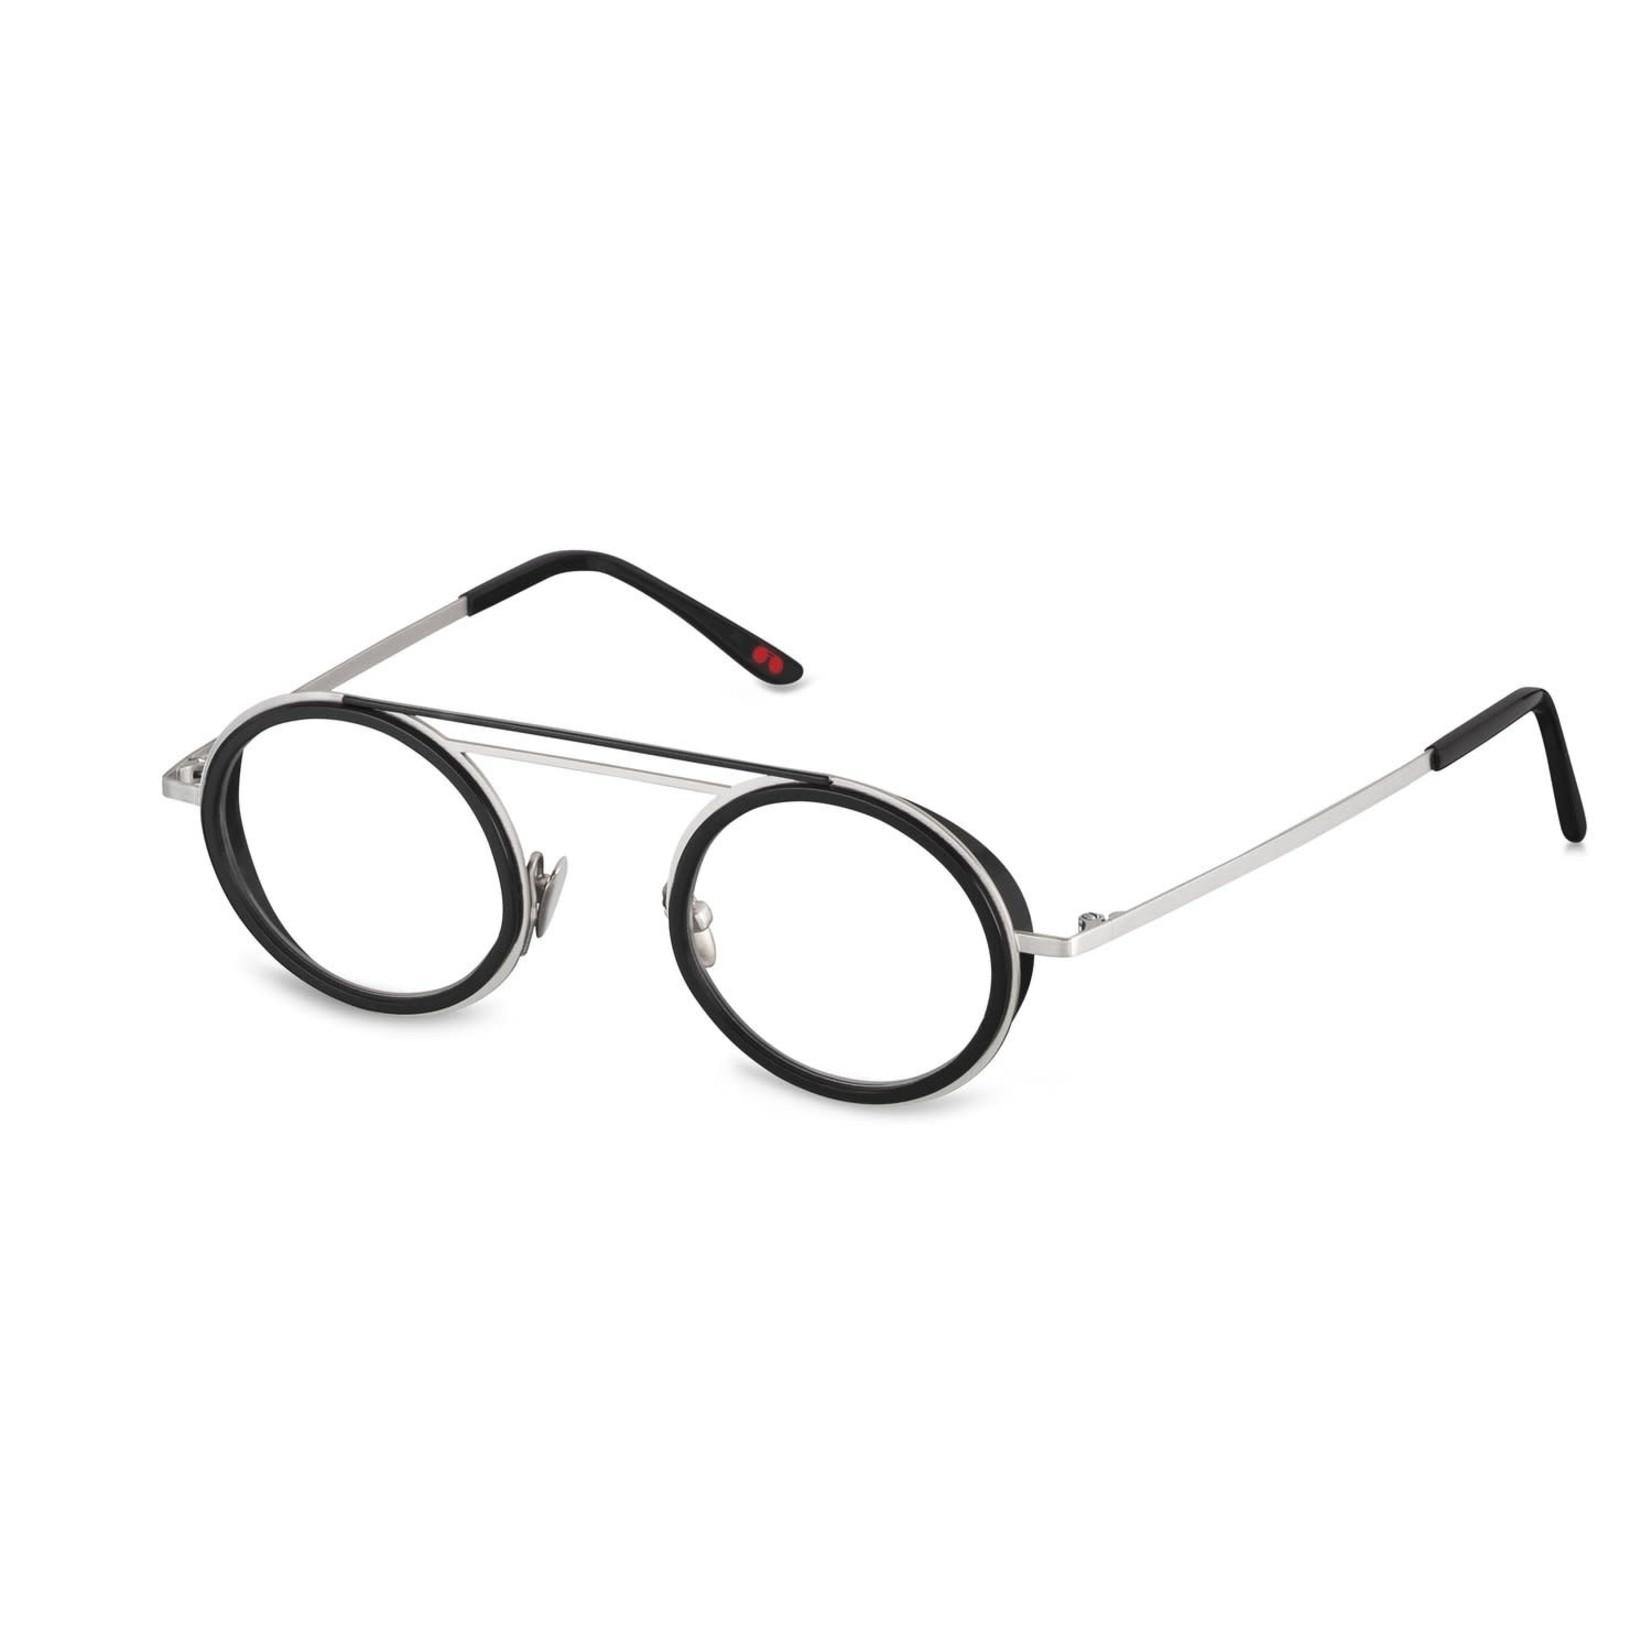 La Petite Lunette Eyewear LPLR Scalla